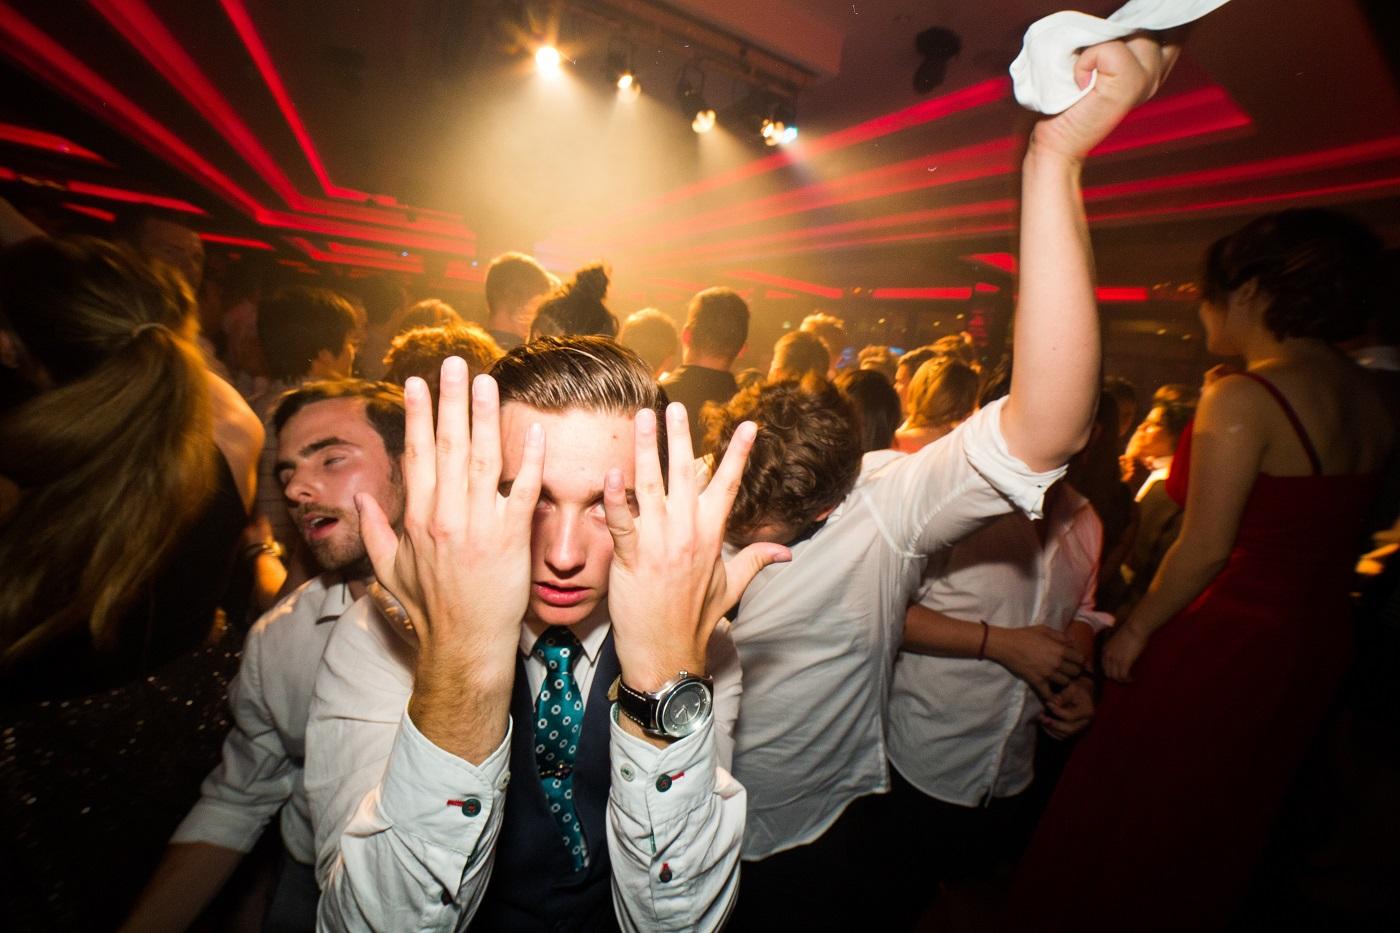 Пасхальный уик-энд в Риге: закрыта нелегальная вечеринка на 47 человек